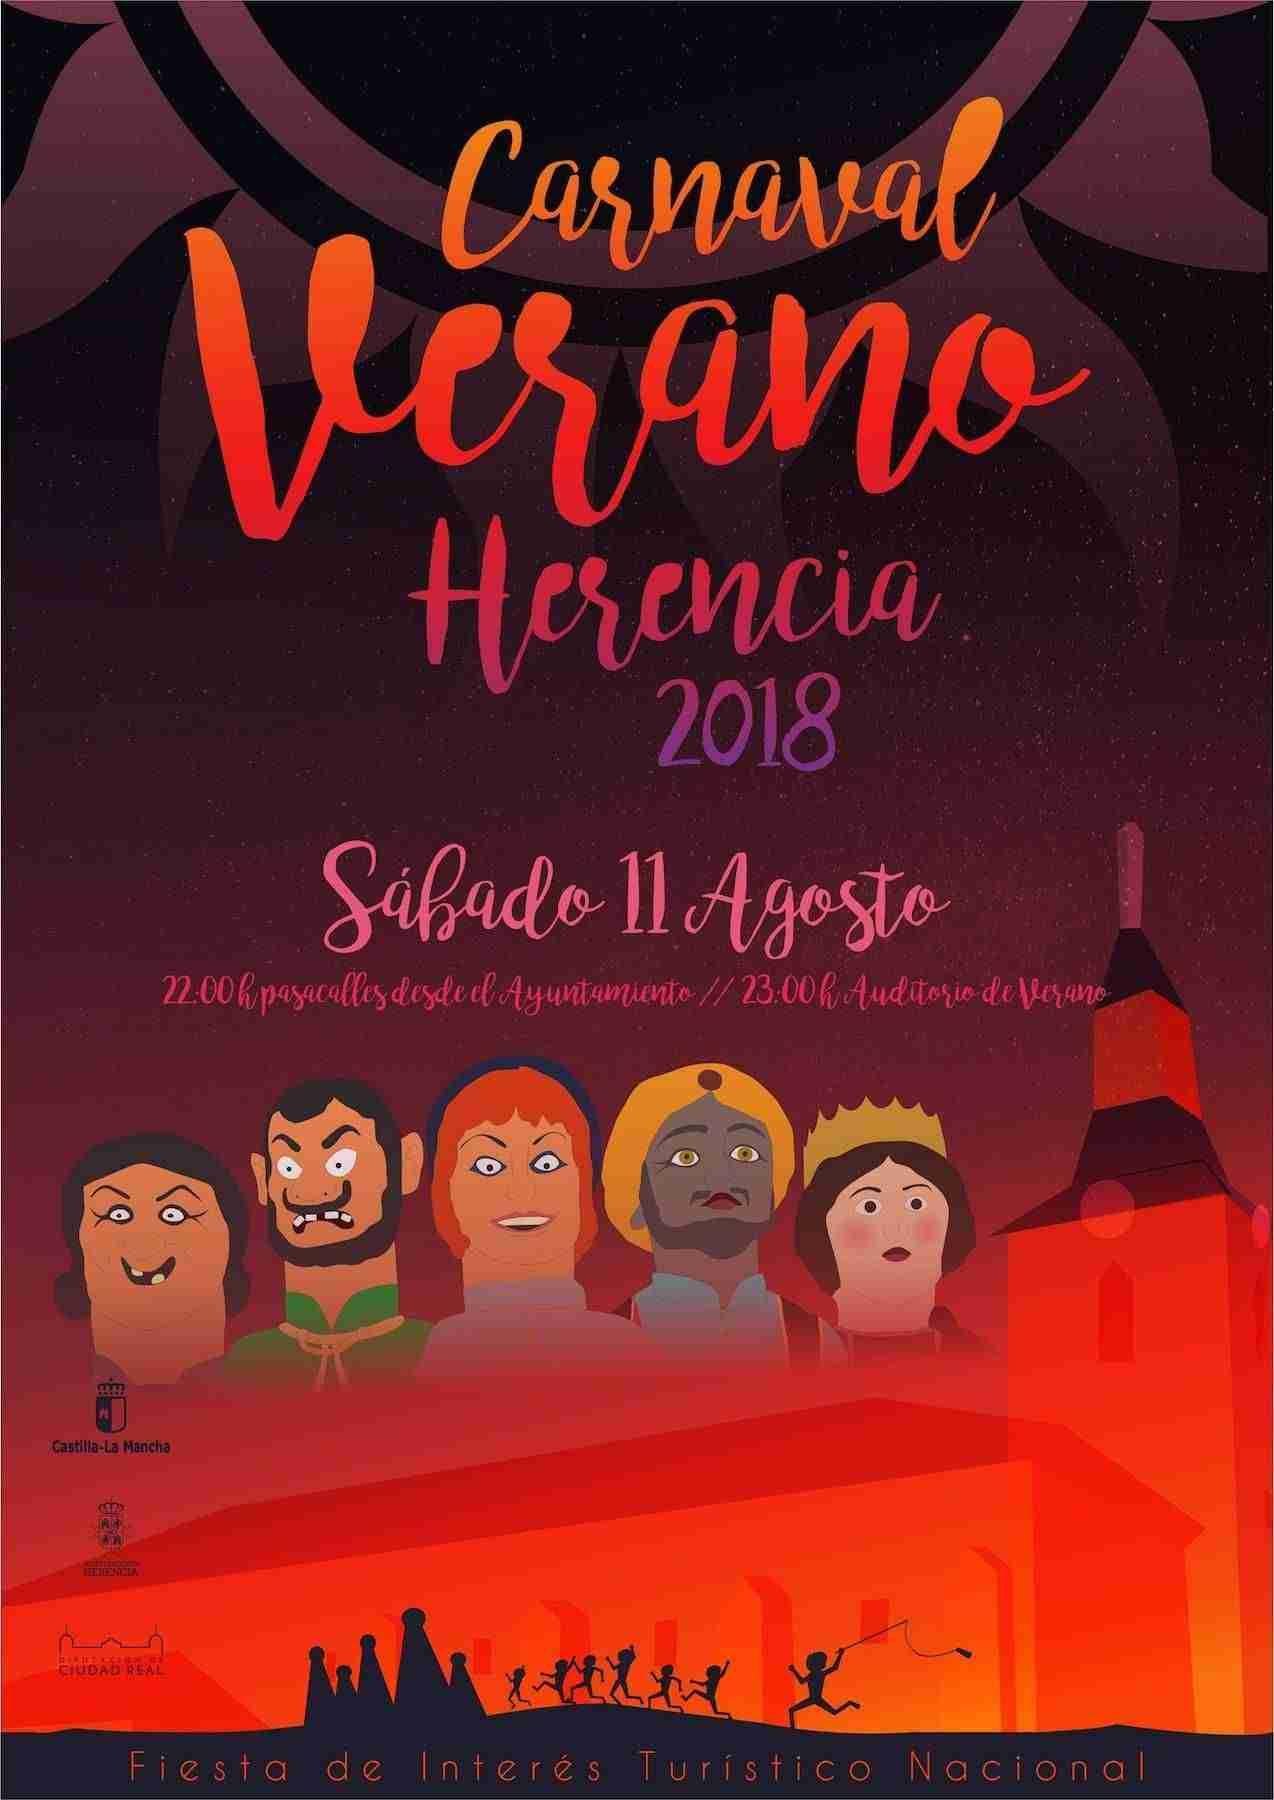 El Carnaval de Verano de Herencia saca la máscara callejera a la calle 3